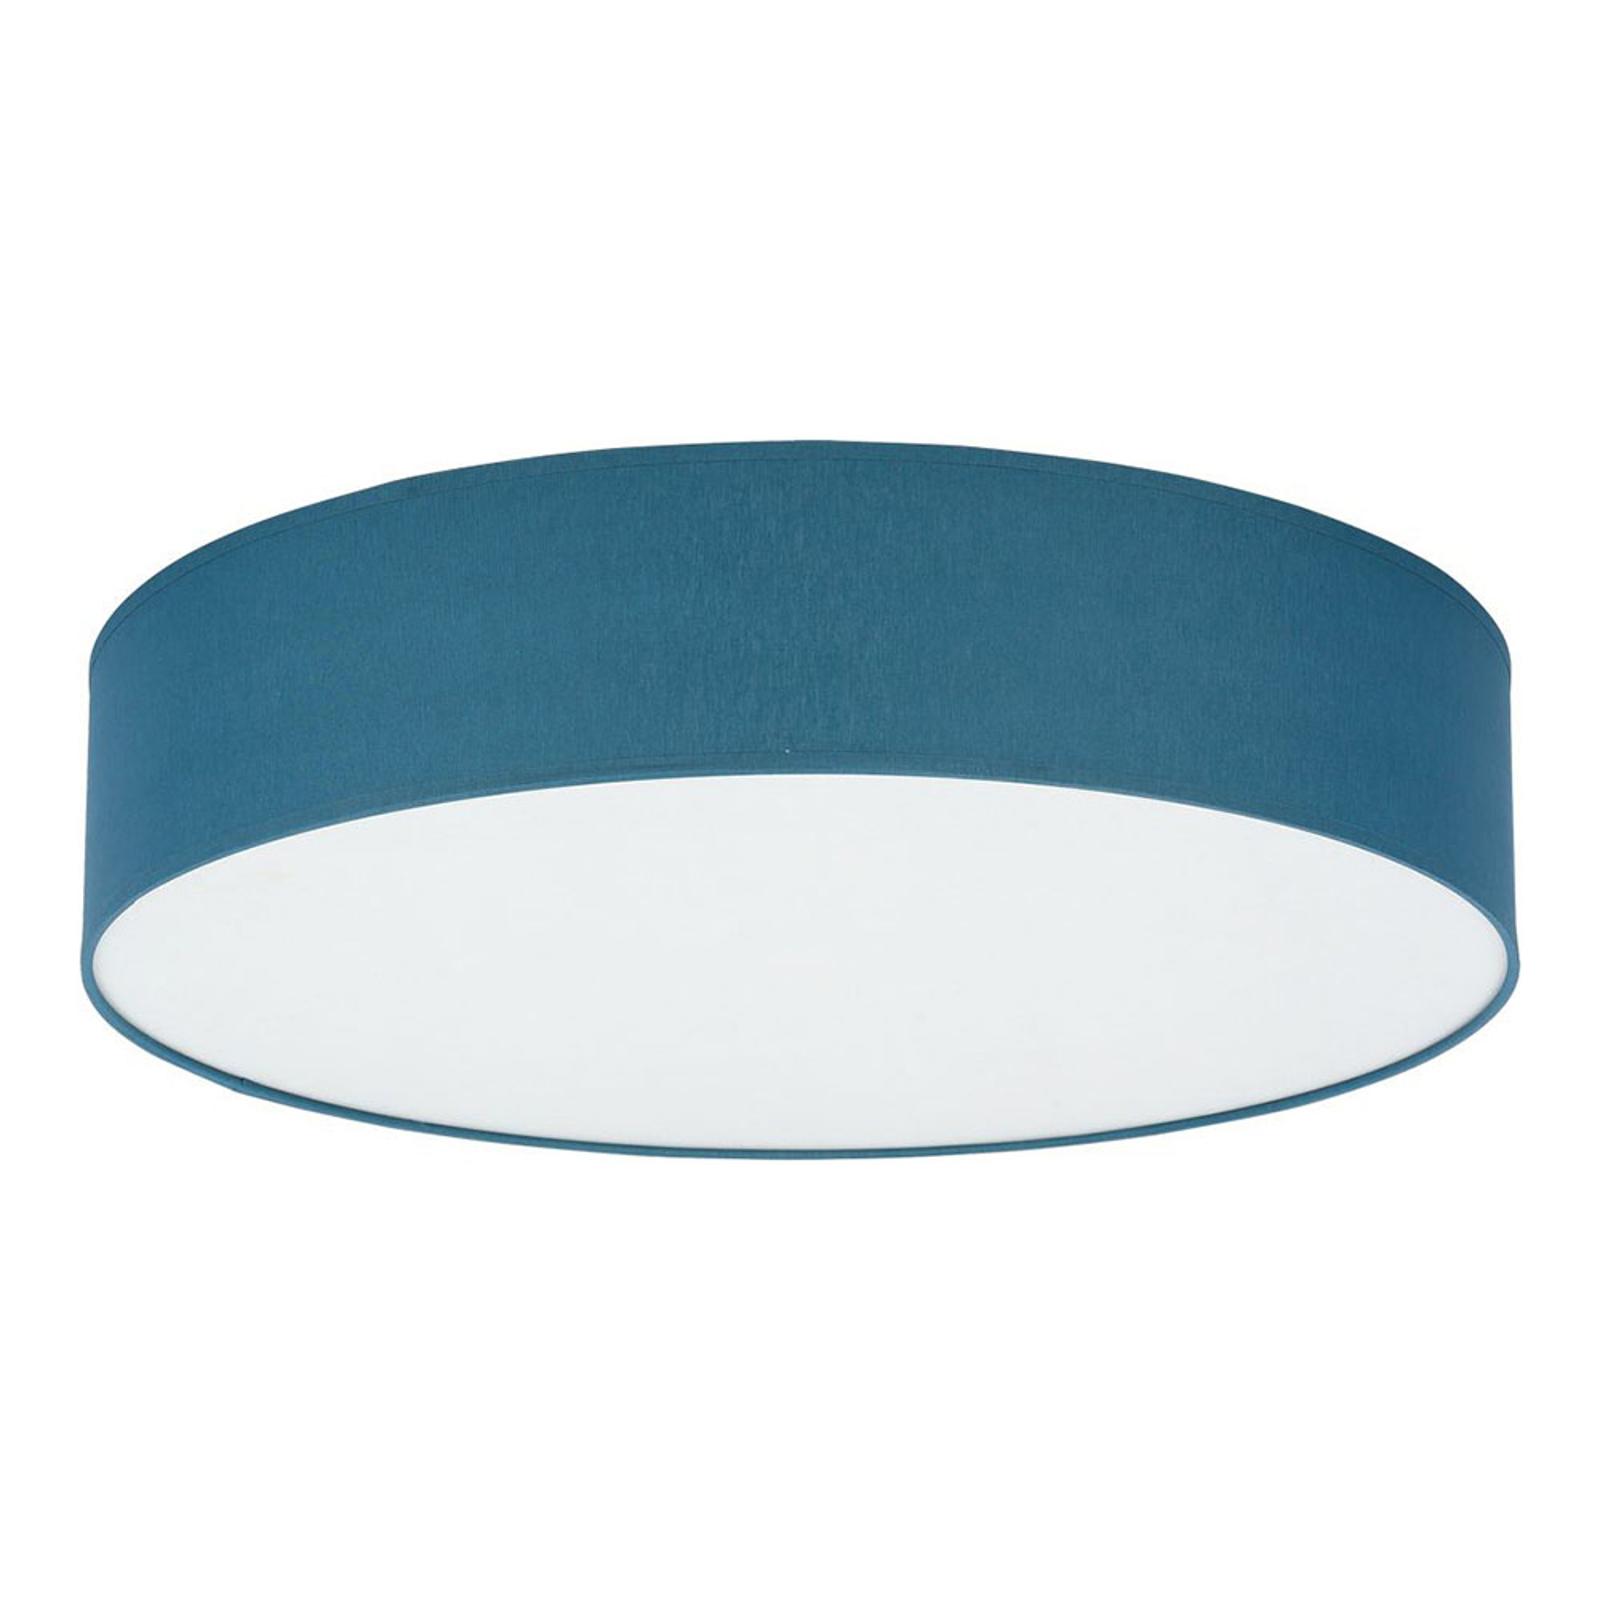 Taklampe Rondo, Ø 60 cm, blå